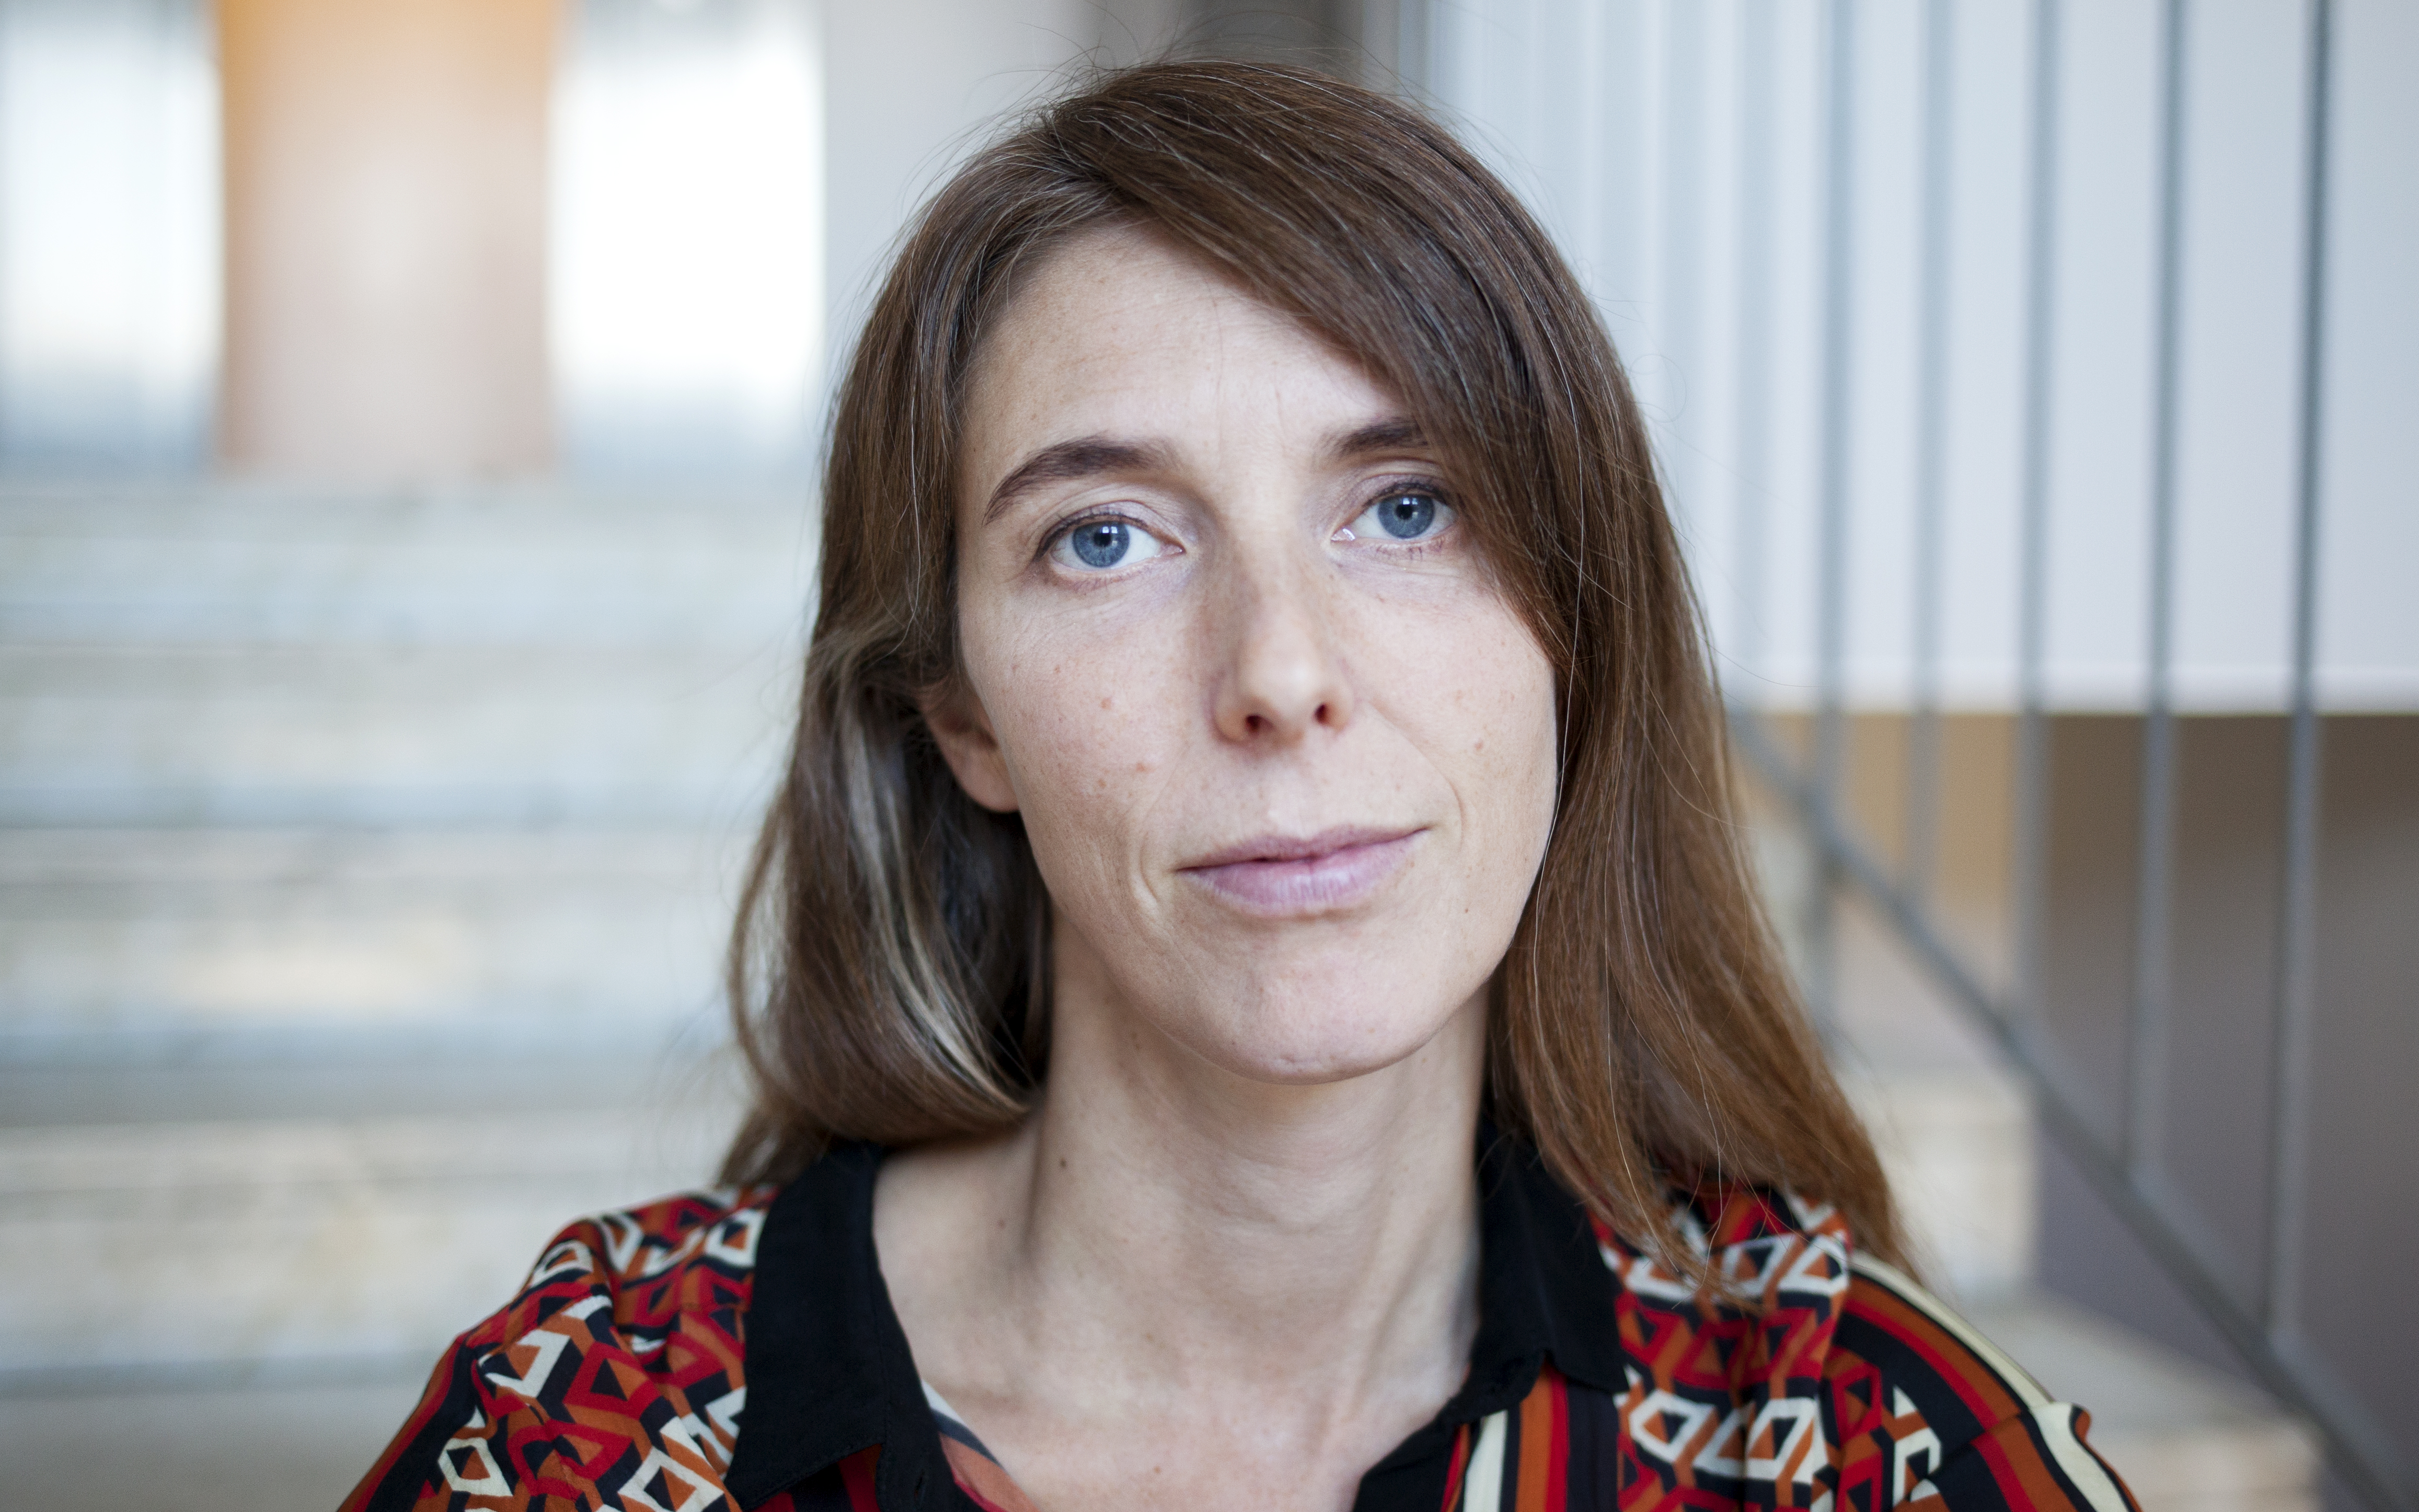 Maja Kekonius